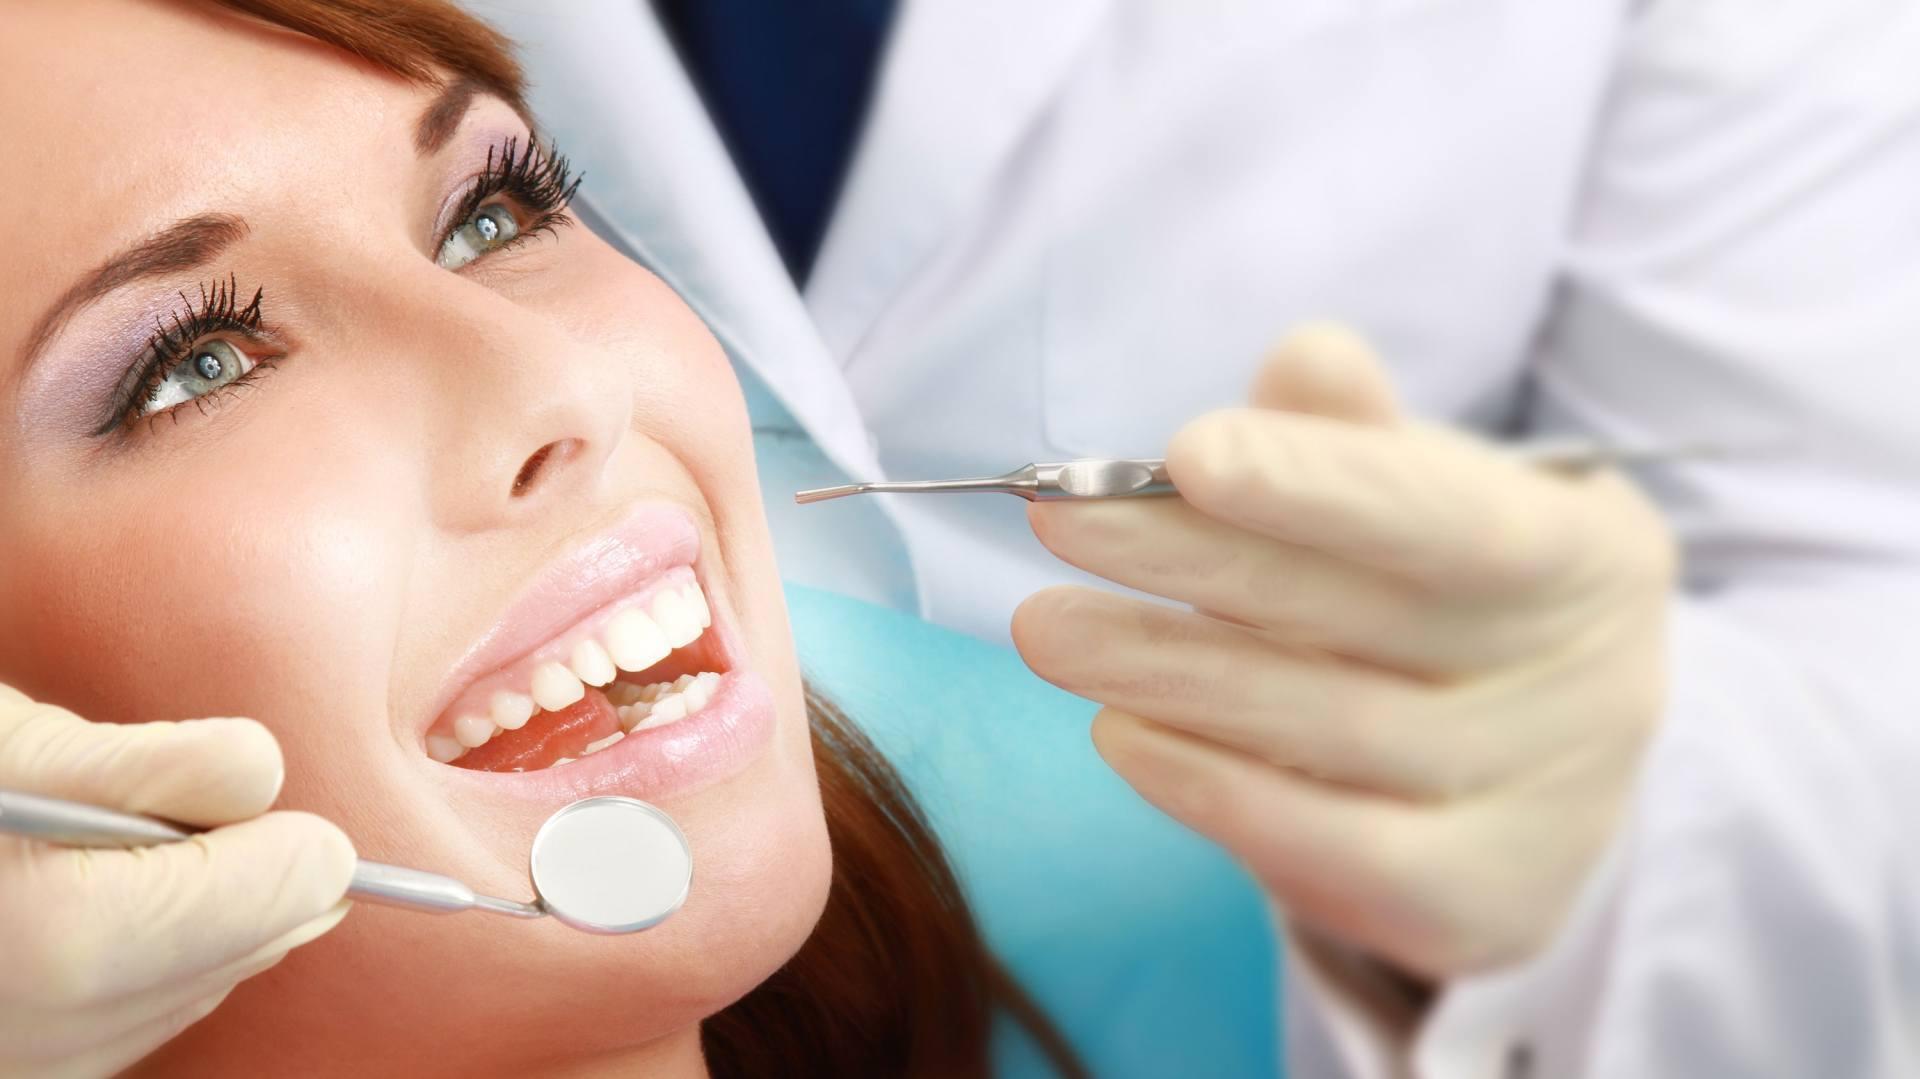 Những lưu ý khi phục hình răng sứ mang lại hiệu quả cao nhất nên biết! 1